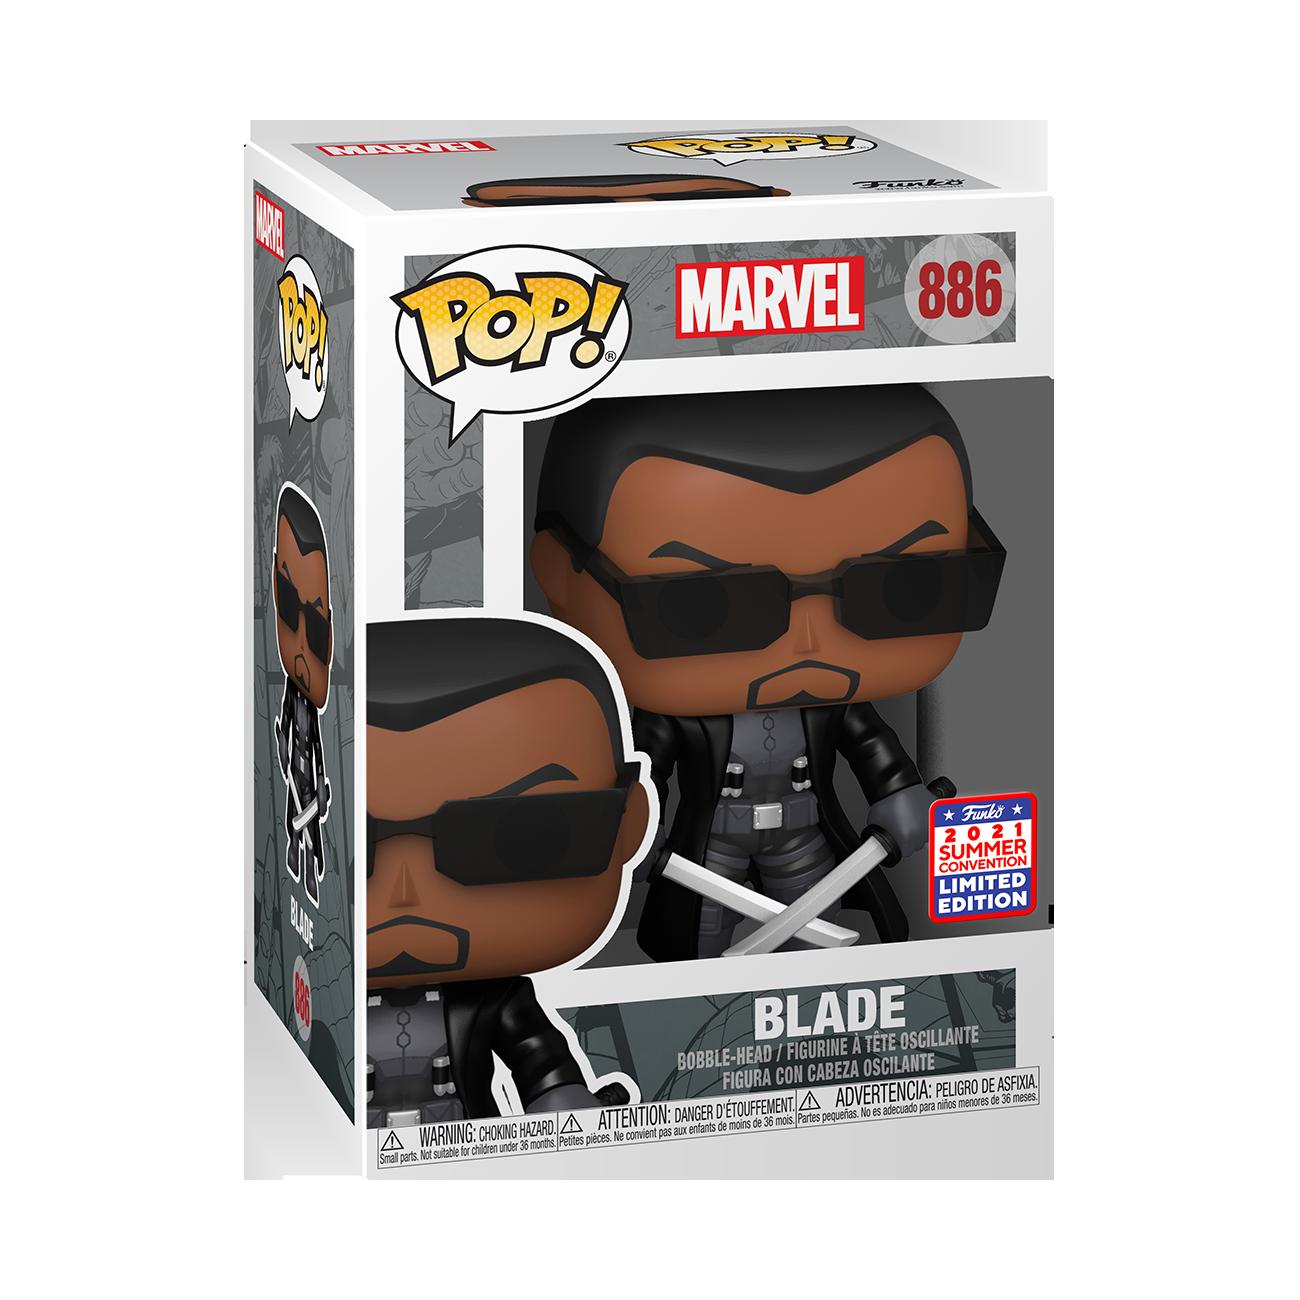 Blade - Blade Pop! Vinyl Figure